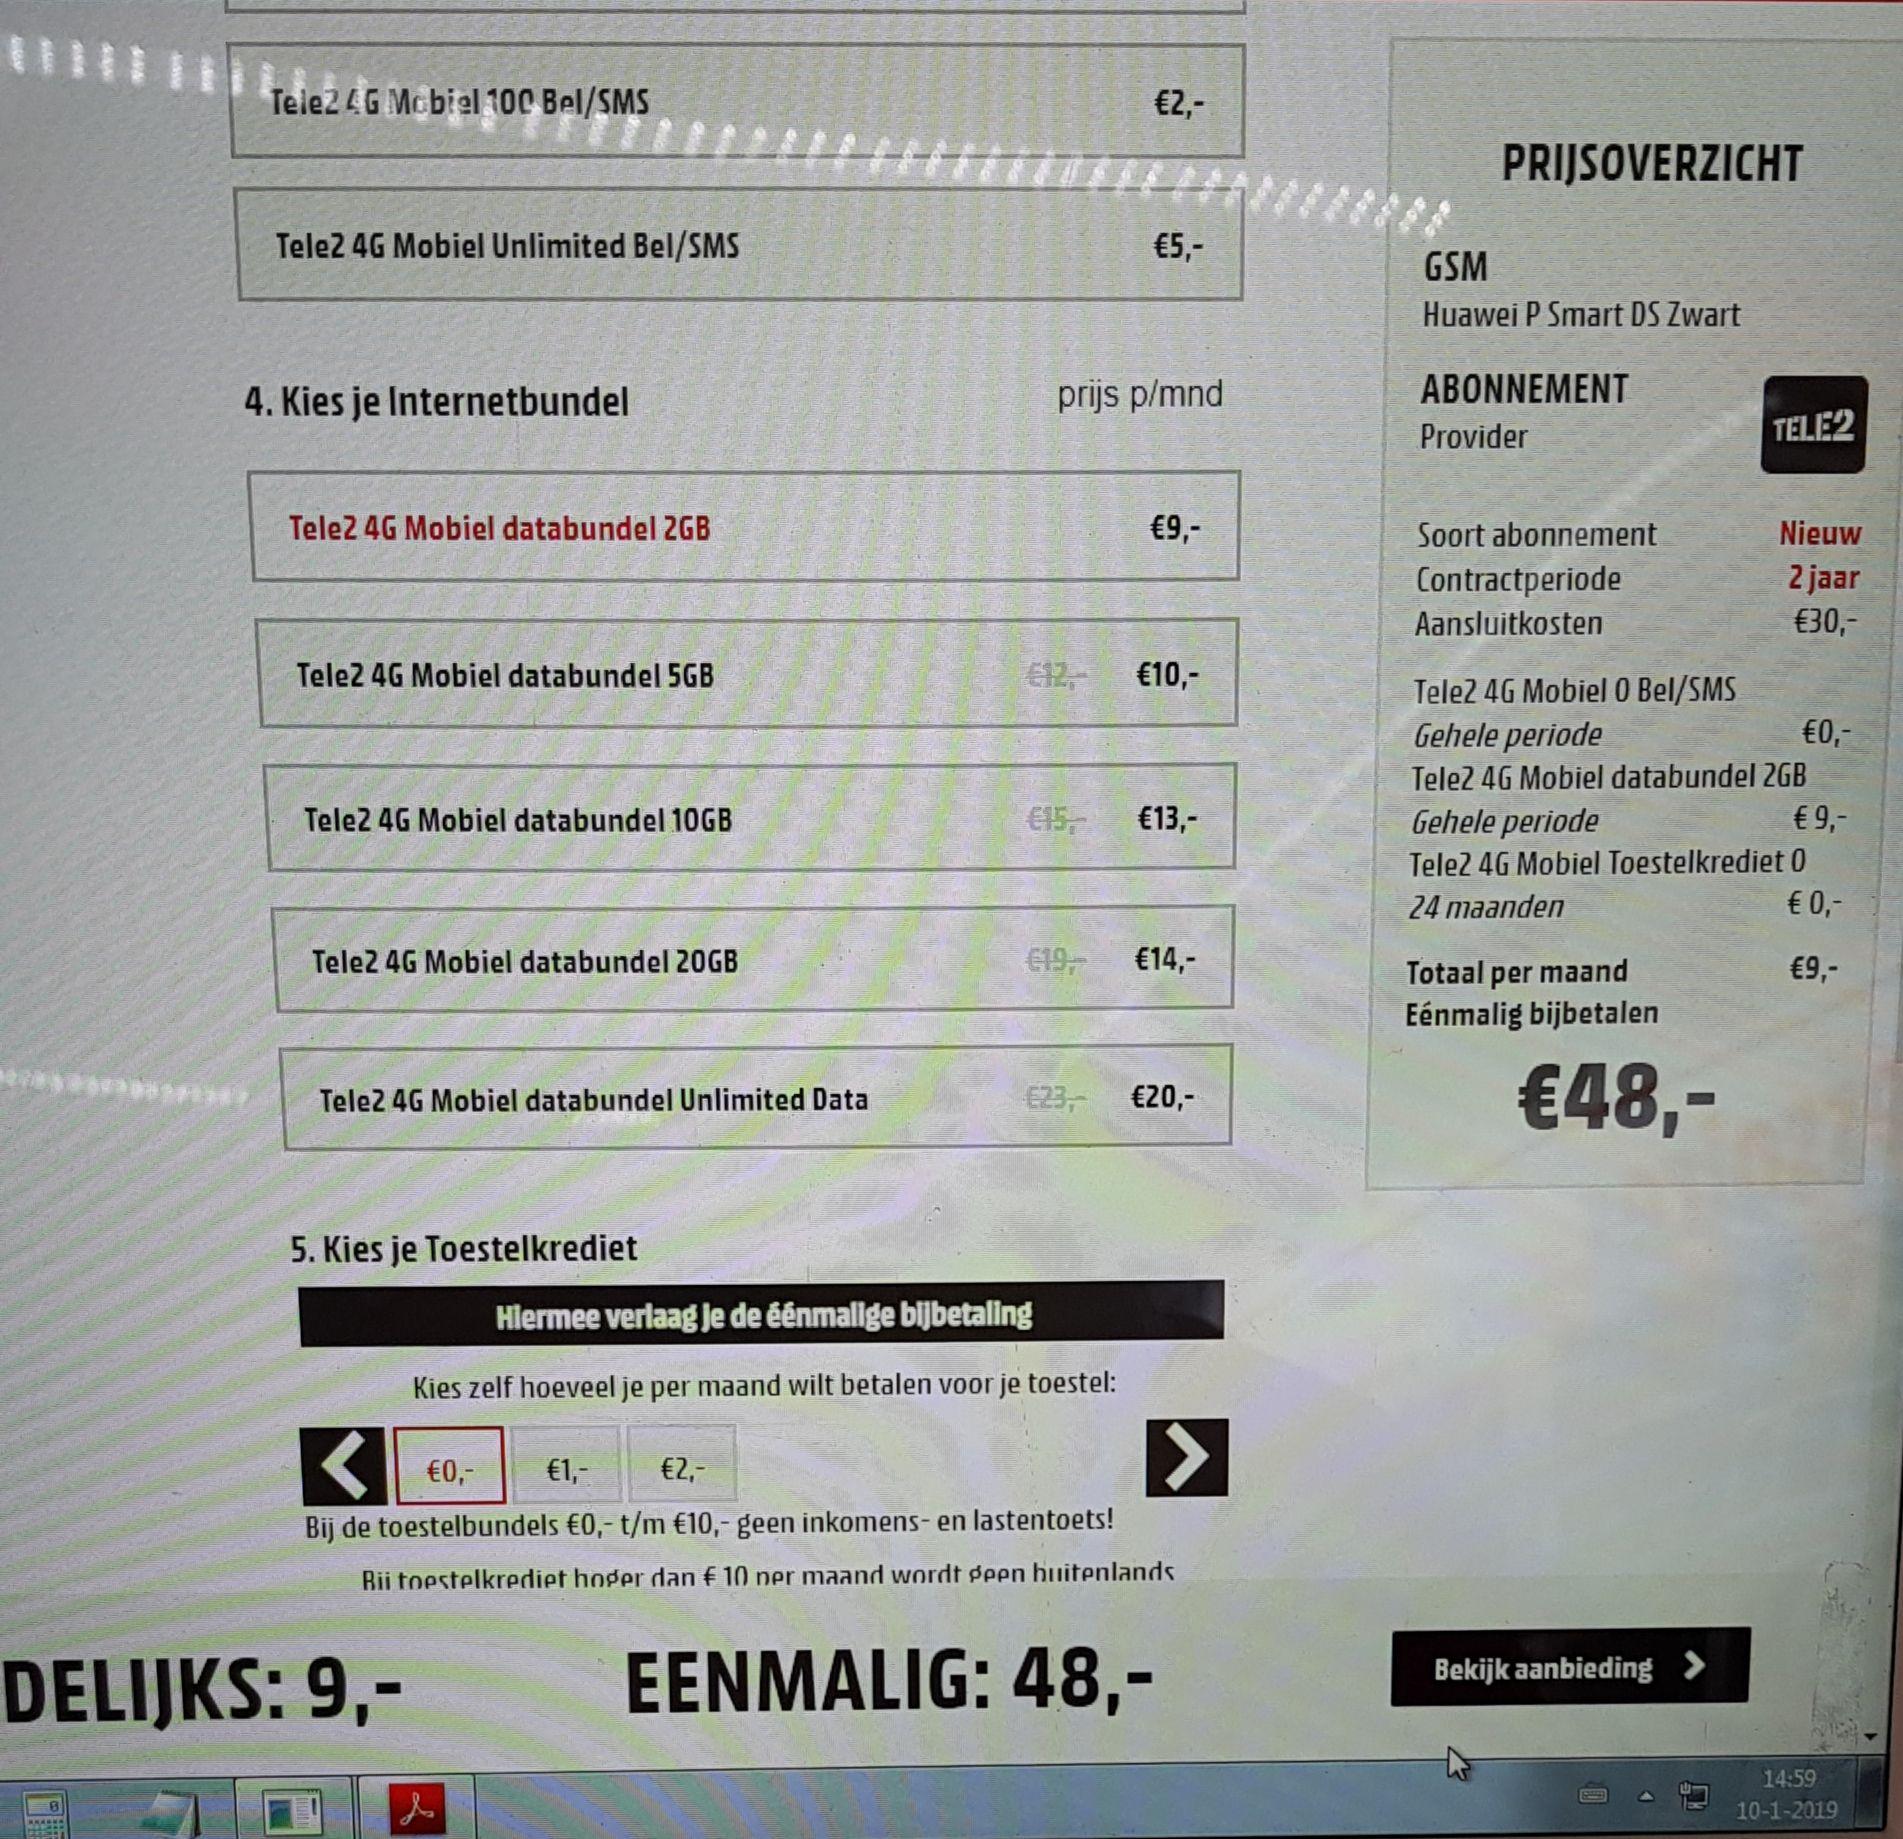 P smart abonnement Tele2 €48 eenmalig + €9,- per maand + 30 aansluit kosten